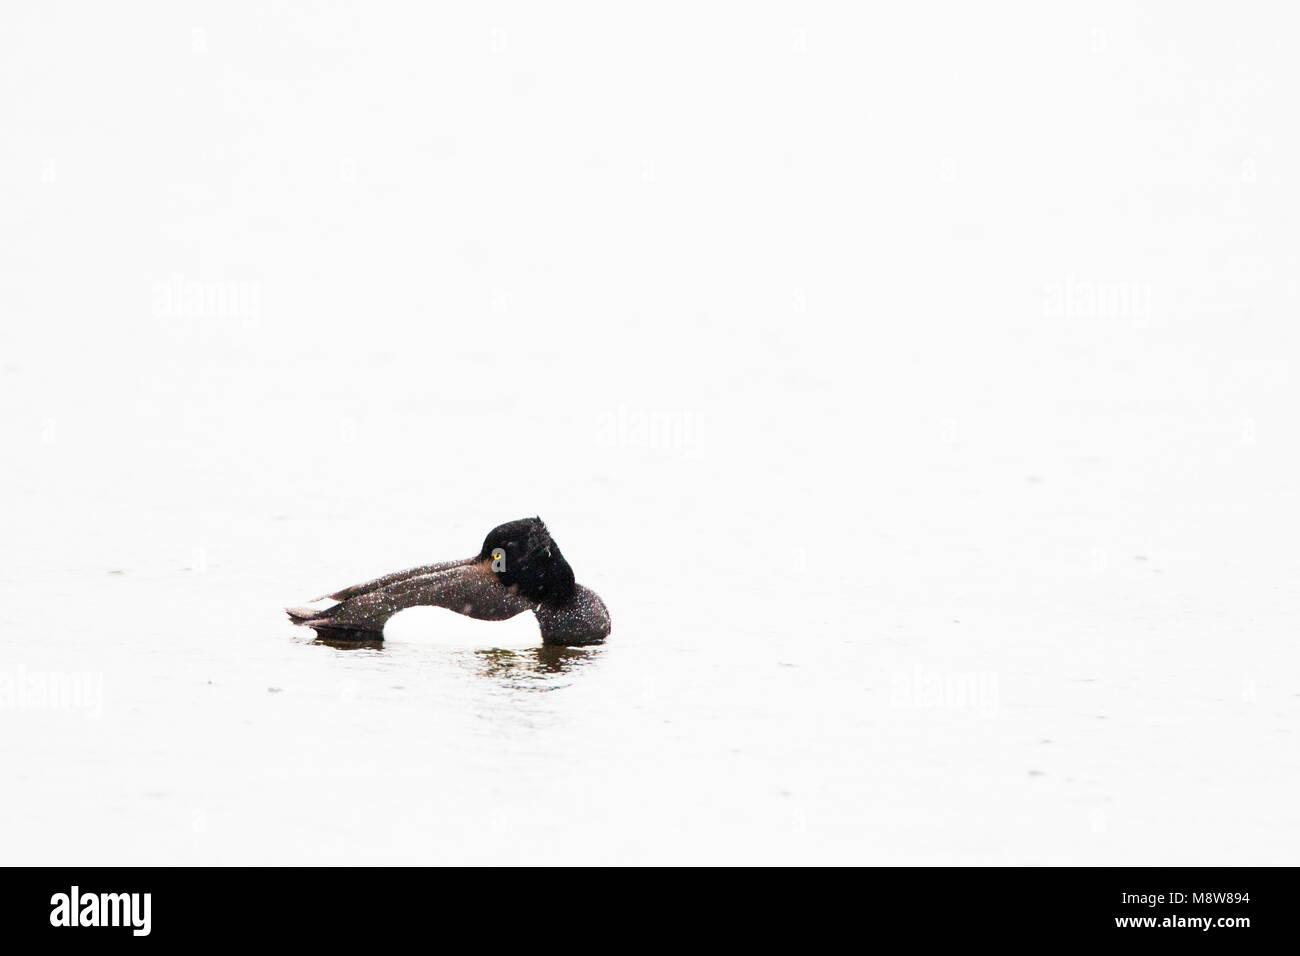 Kuifeend rustend in het water tijdens regenbui; Tufted Duck resting in water during rain shower - Stock Image